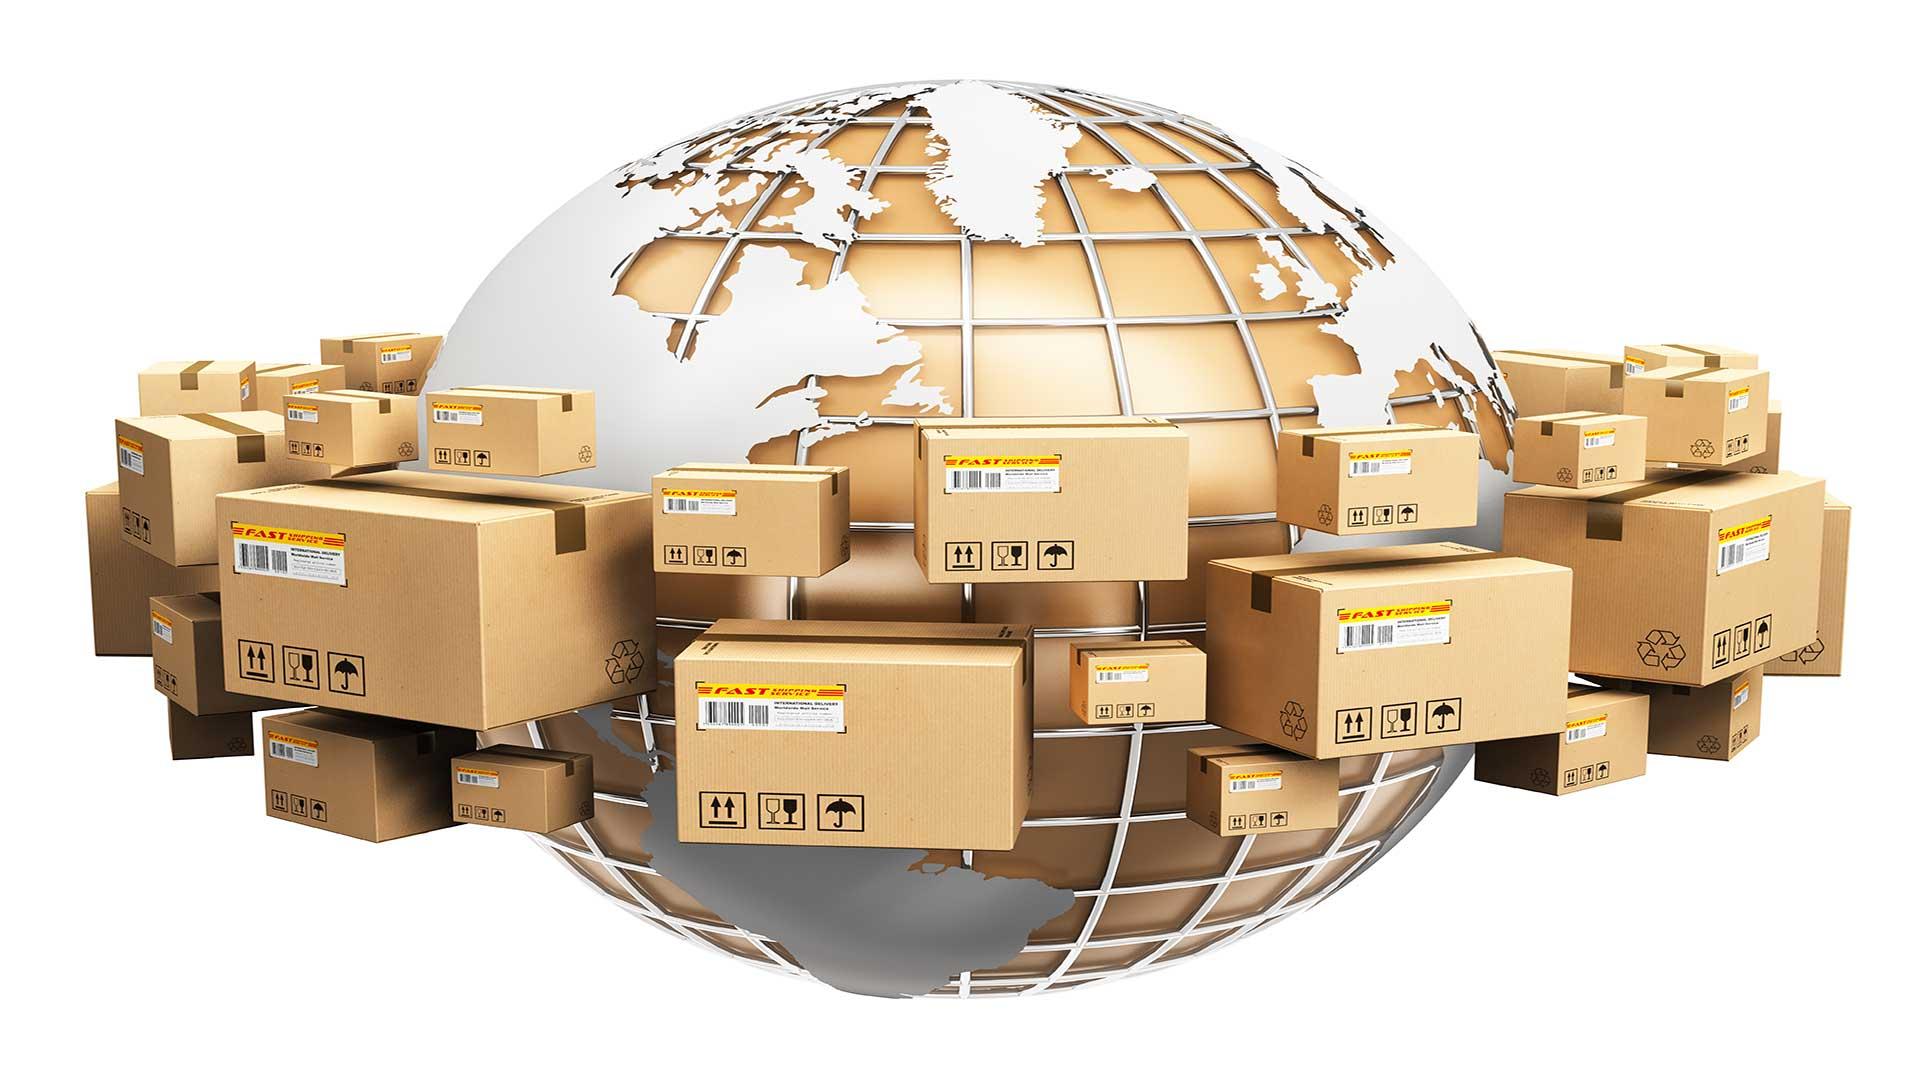 Un paquete puede durar entre 4 y 7 días en llegar